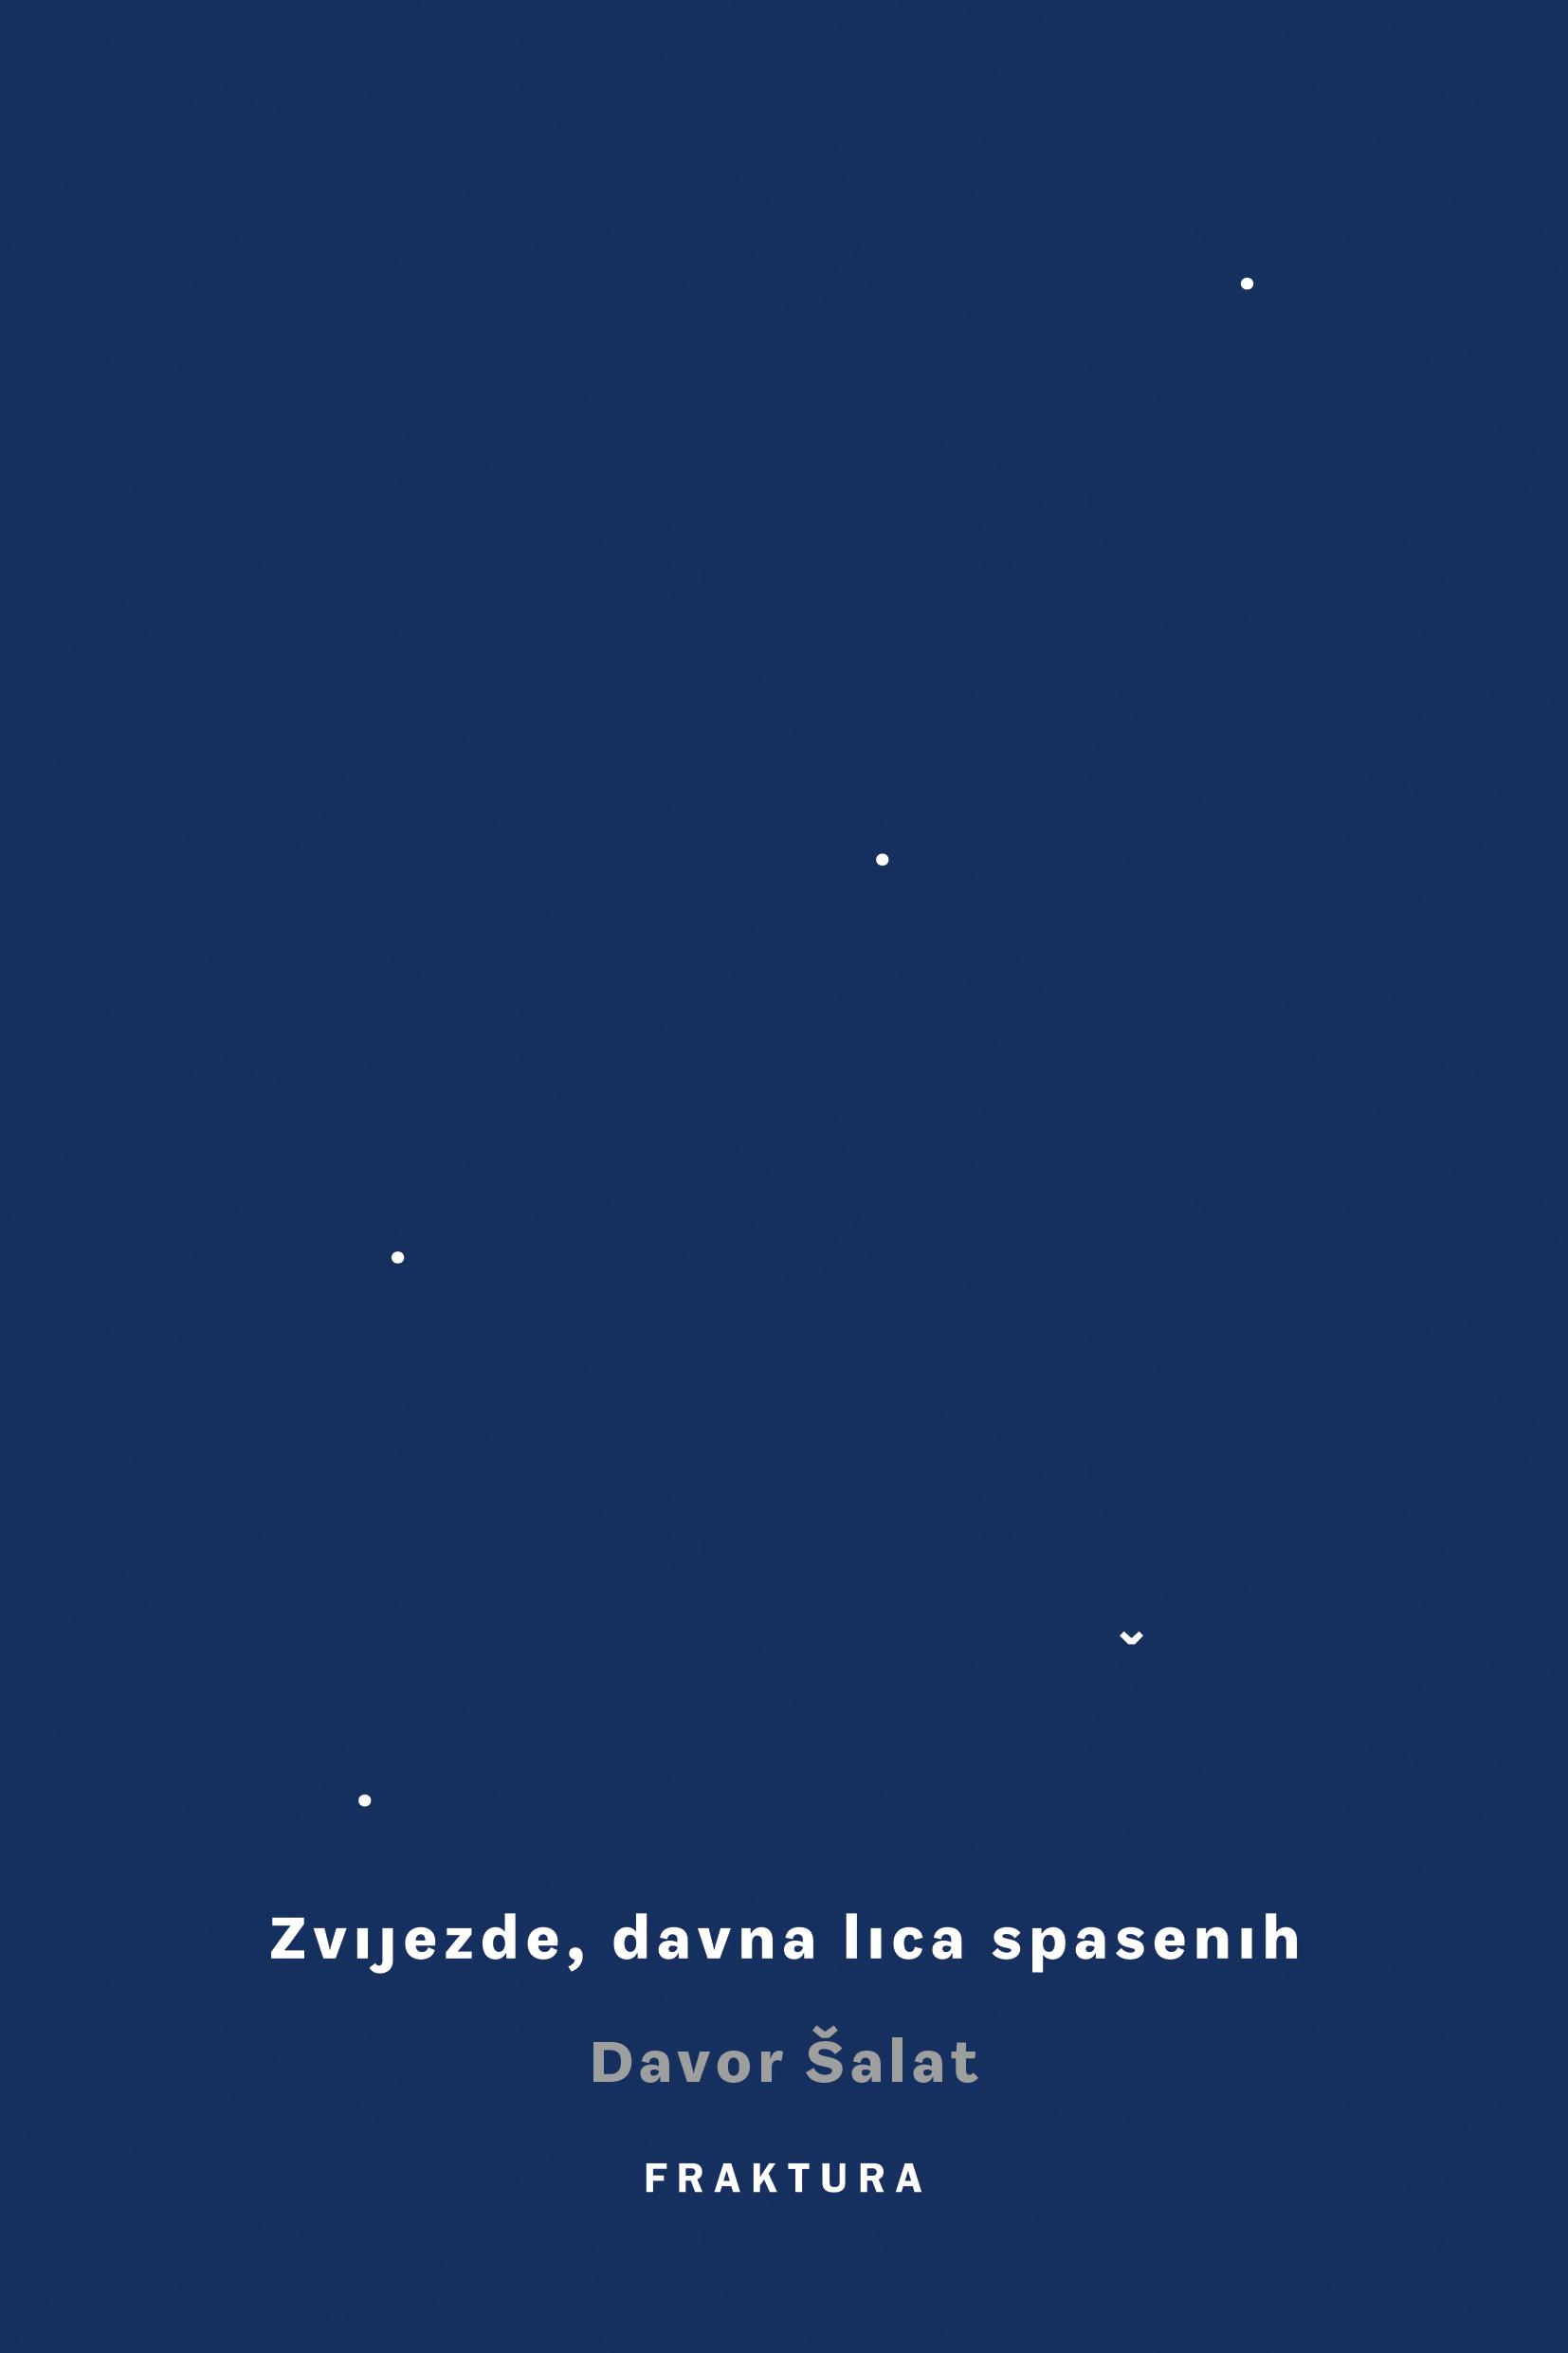 Zvijezde, davna lica spašenih